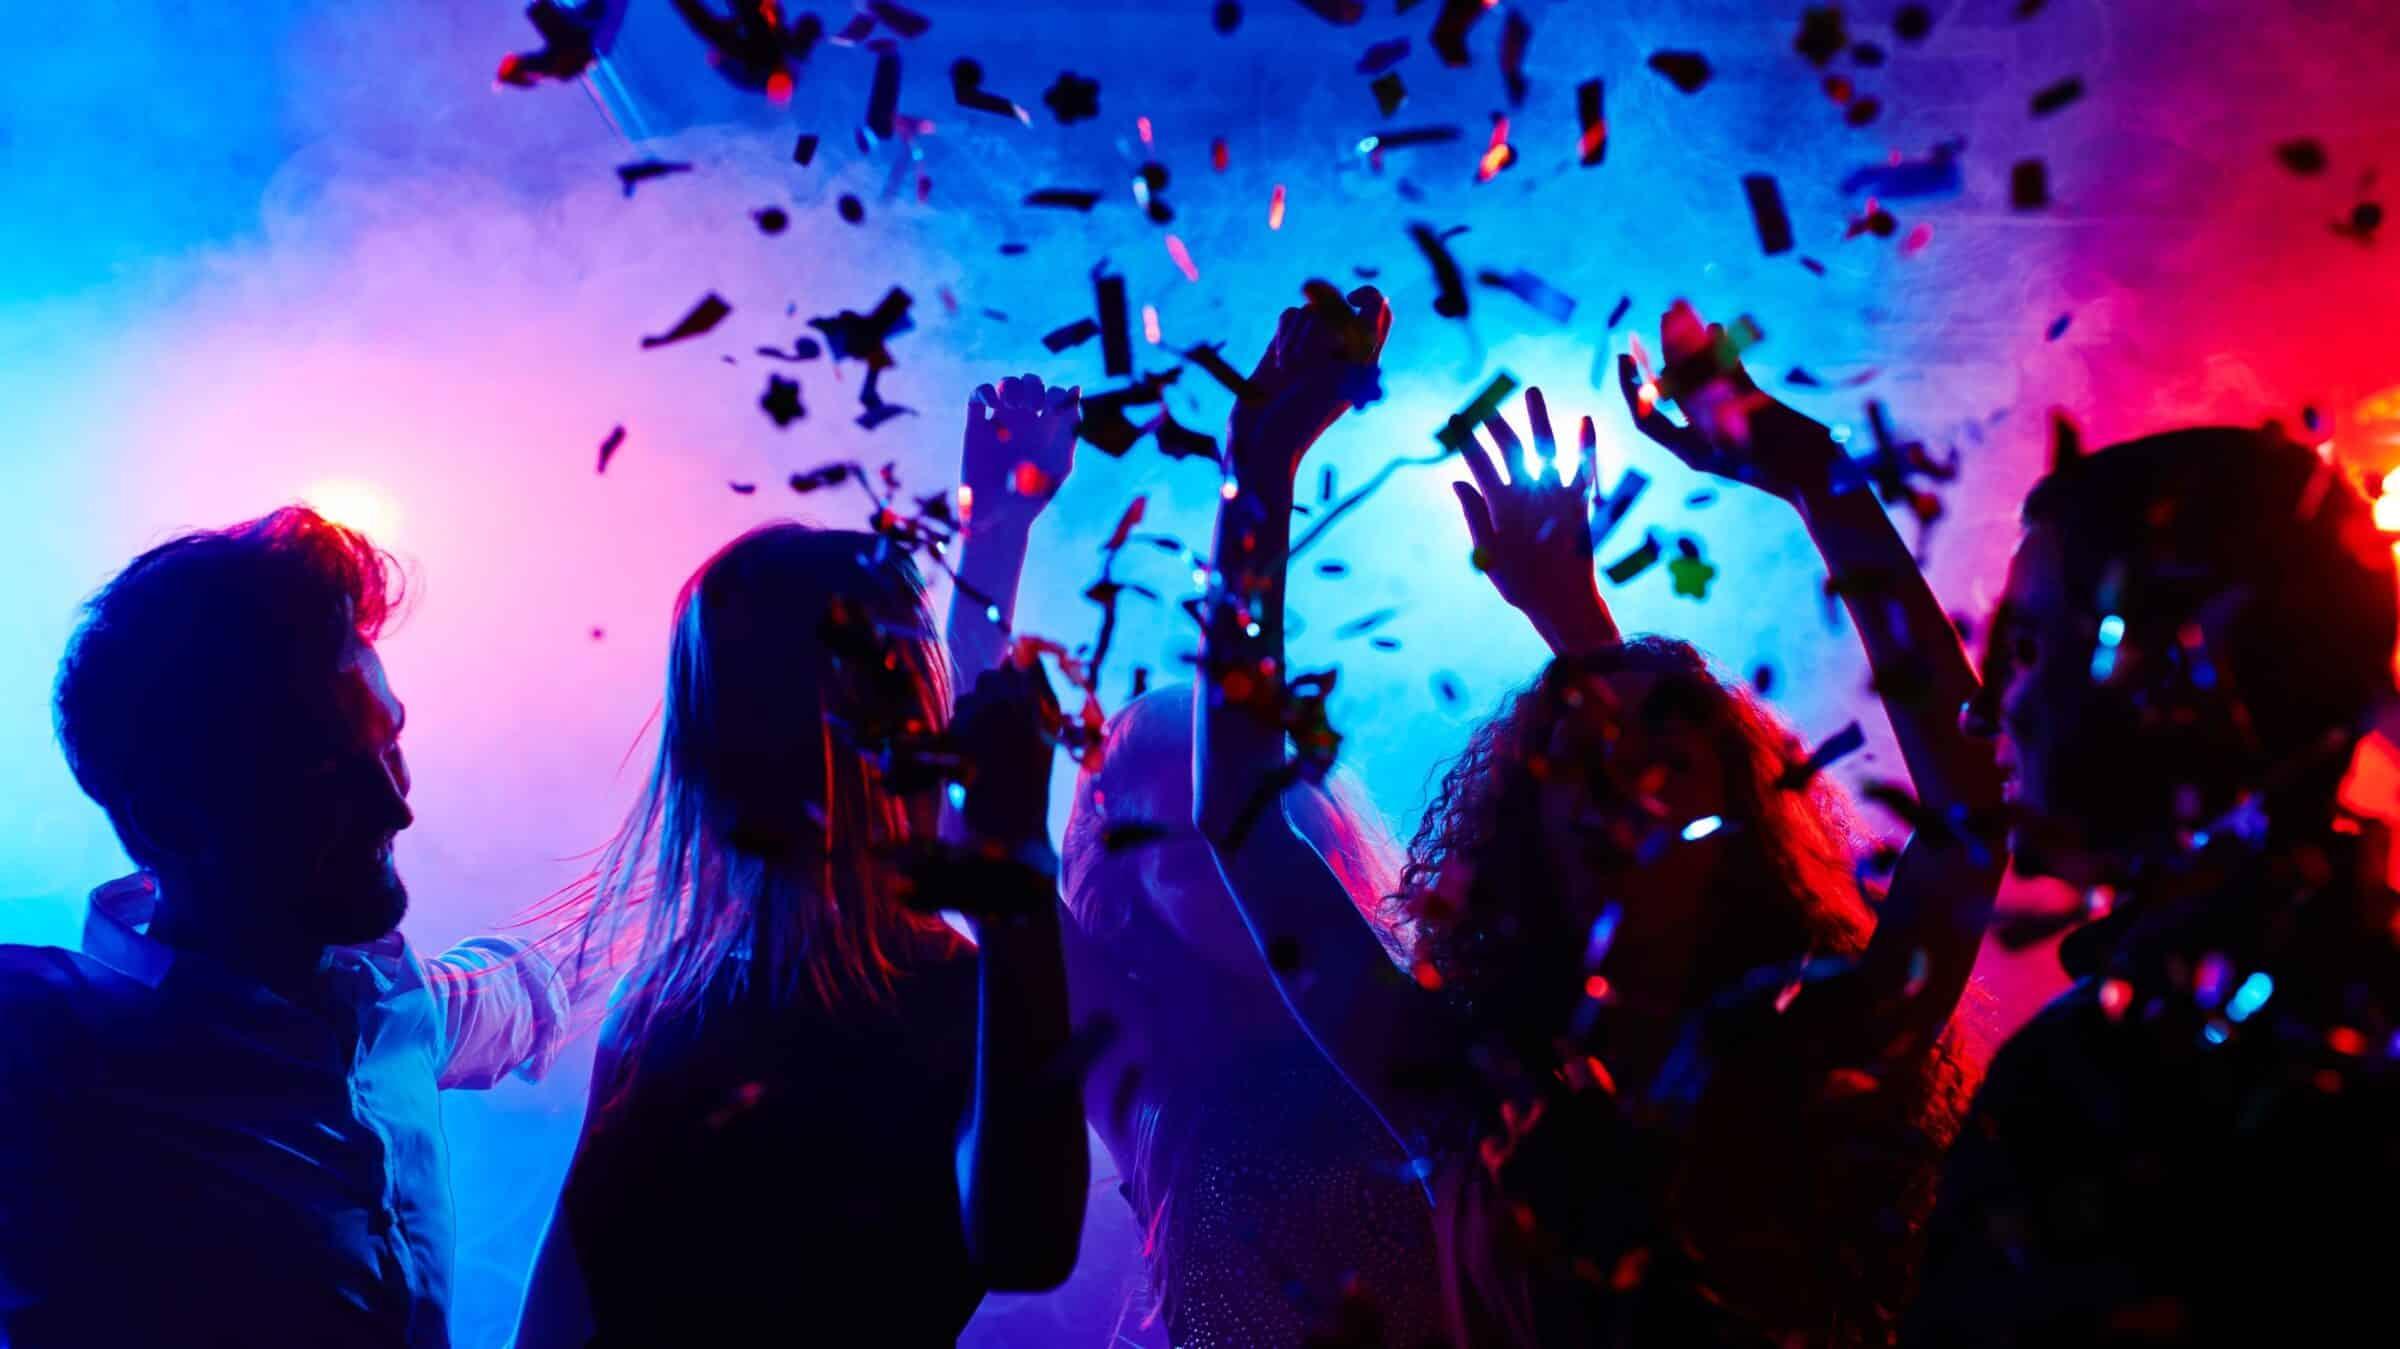 Festa in villetta tra giovanissimi con alcolici e musica ad alto volume: sanzionati 18 partecipanti